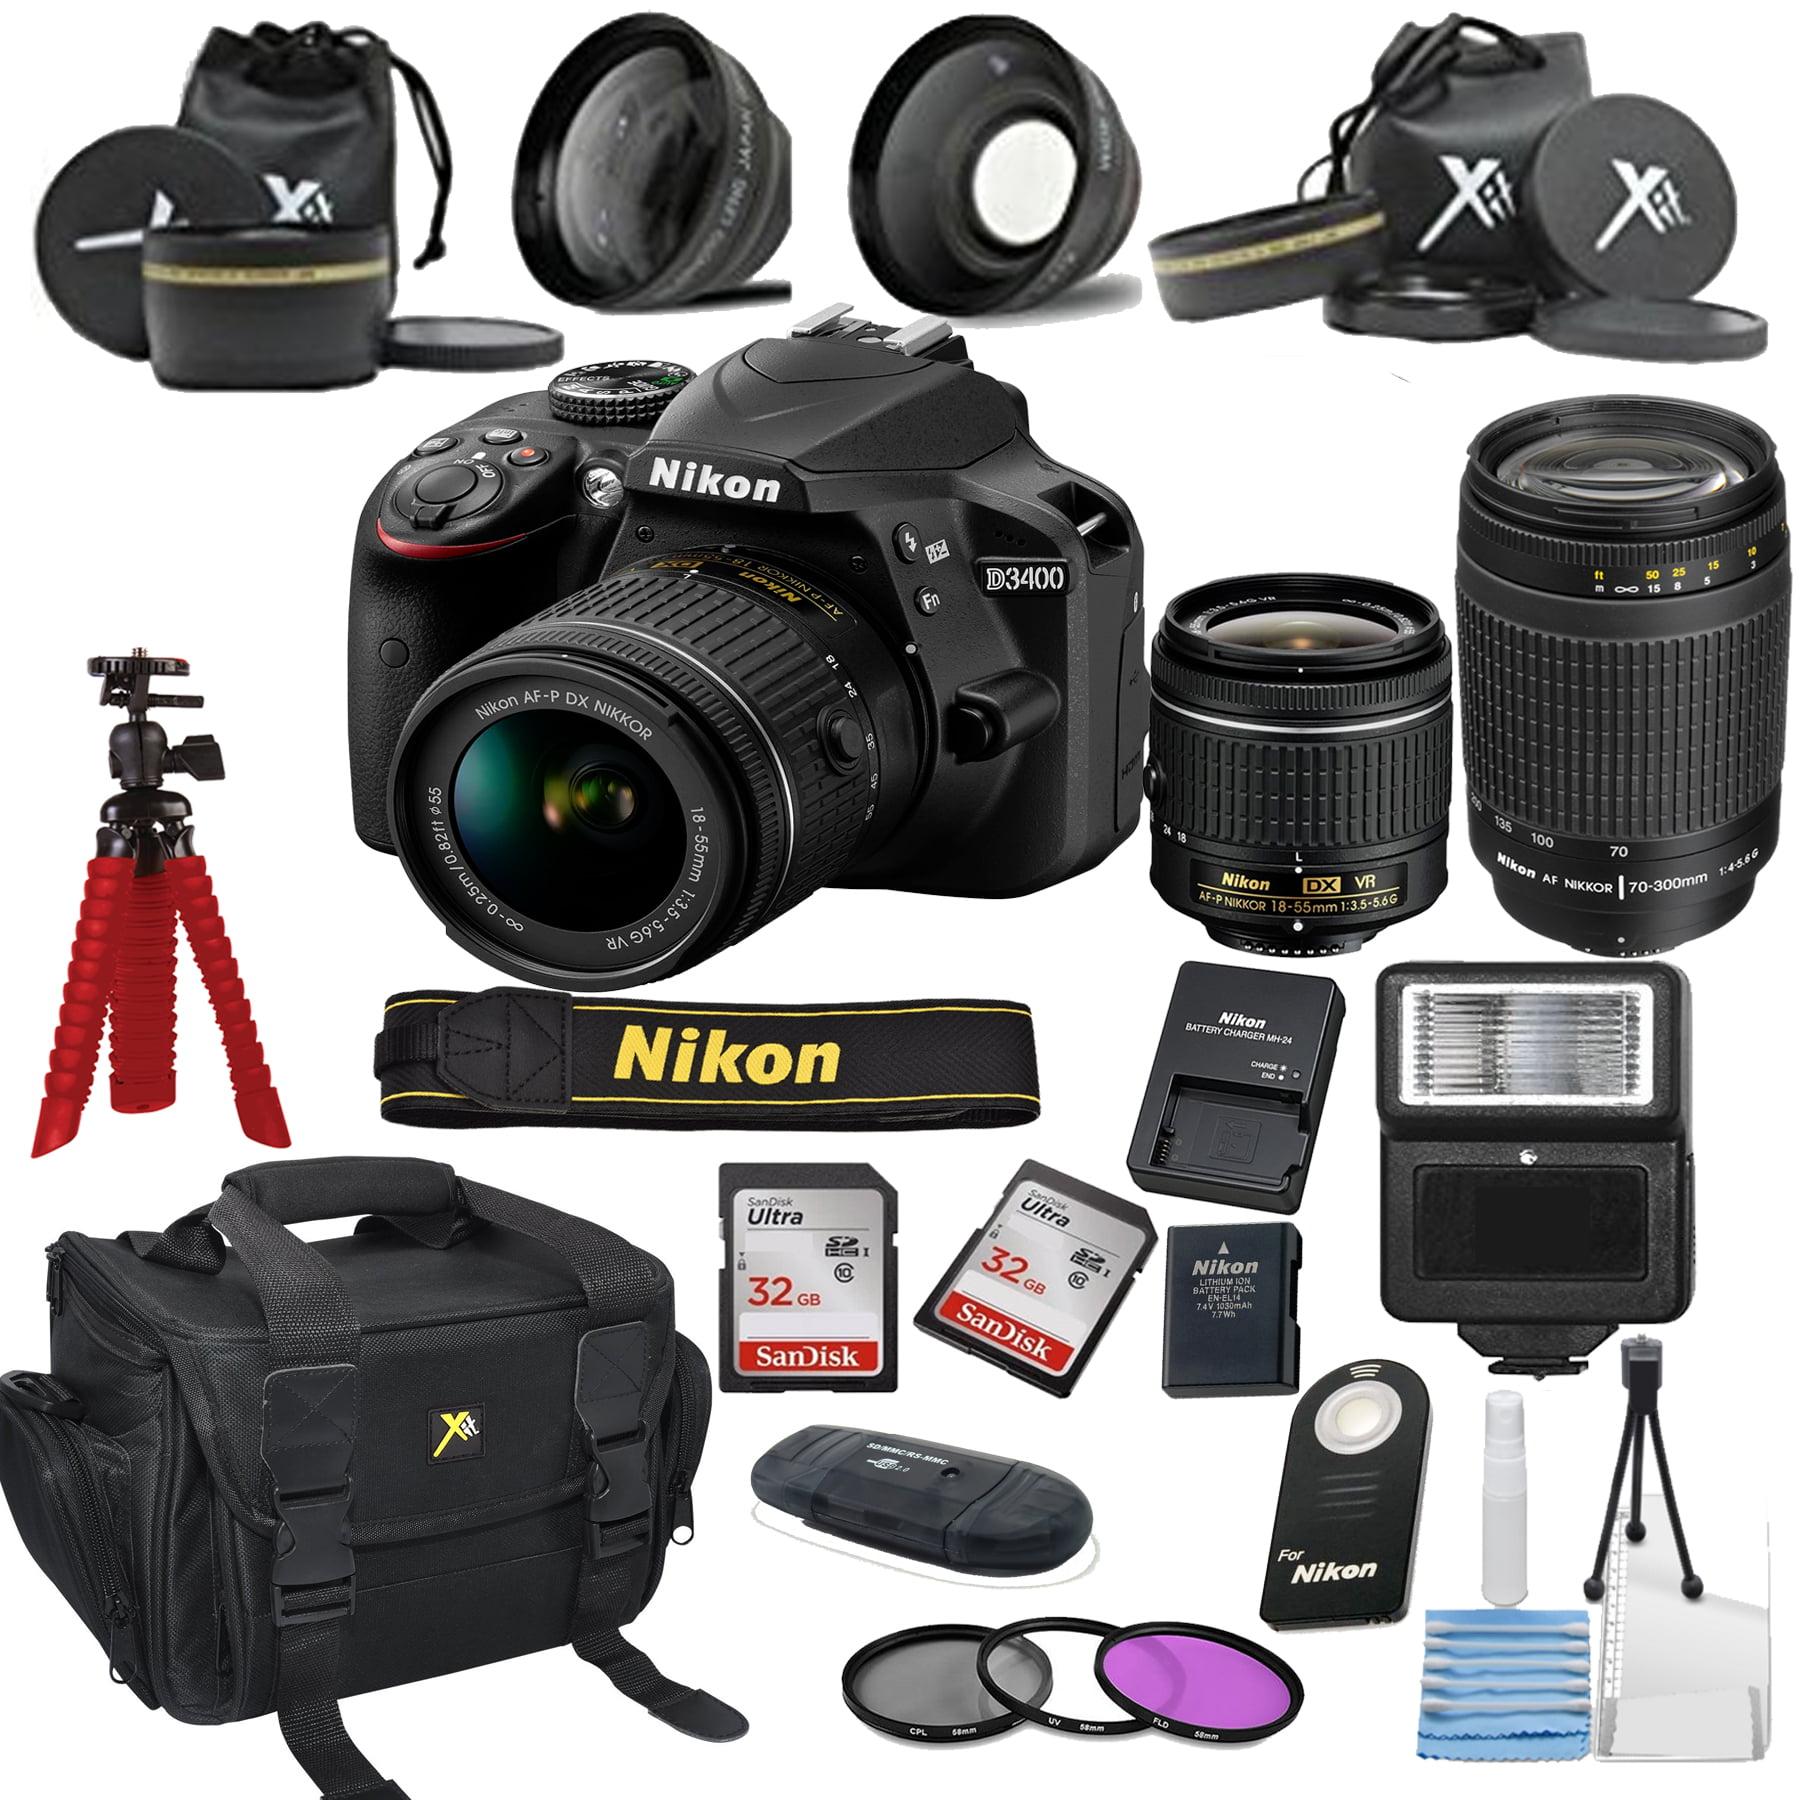 Nikon D3400 24.2 MP DSLR Camera + 18-55mm VR Lens Kit + 70-300mm